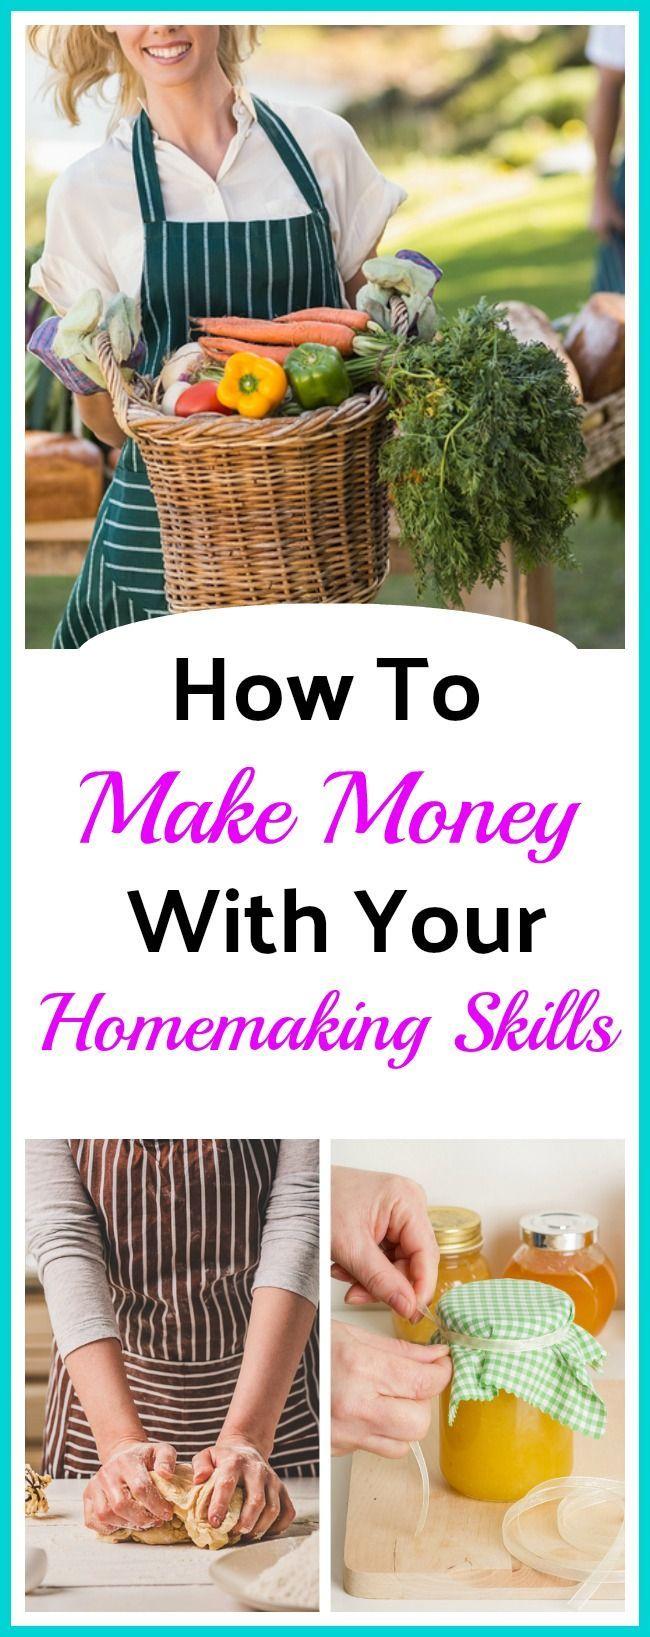 Wie man mit den Fähigkeiten der Hauswirtschaft Geld verdient